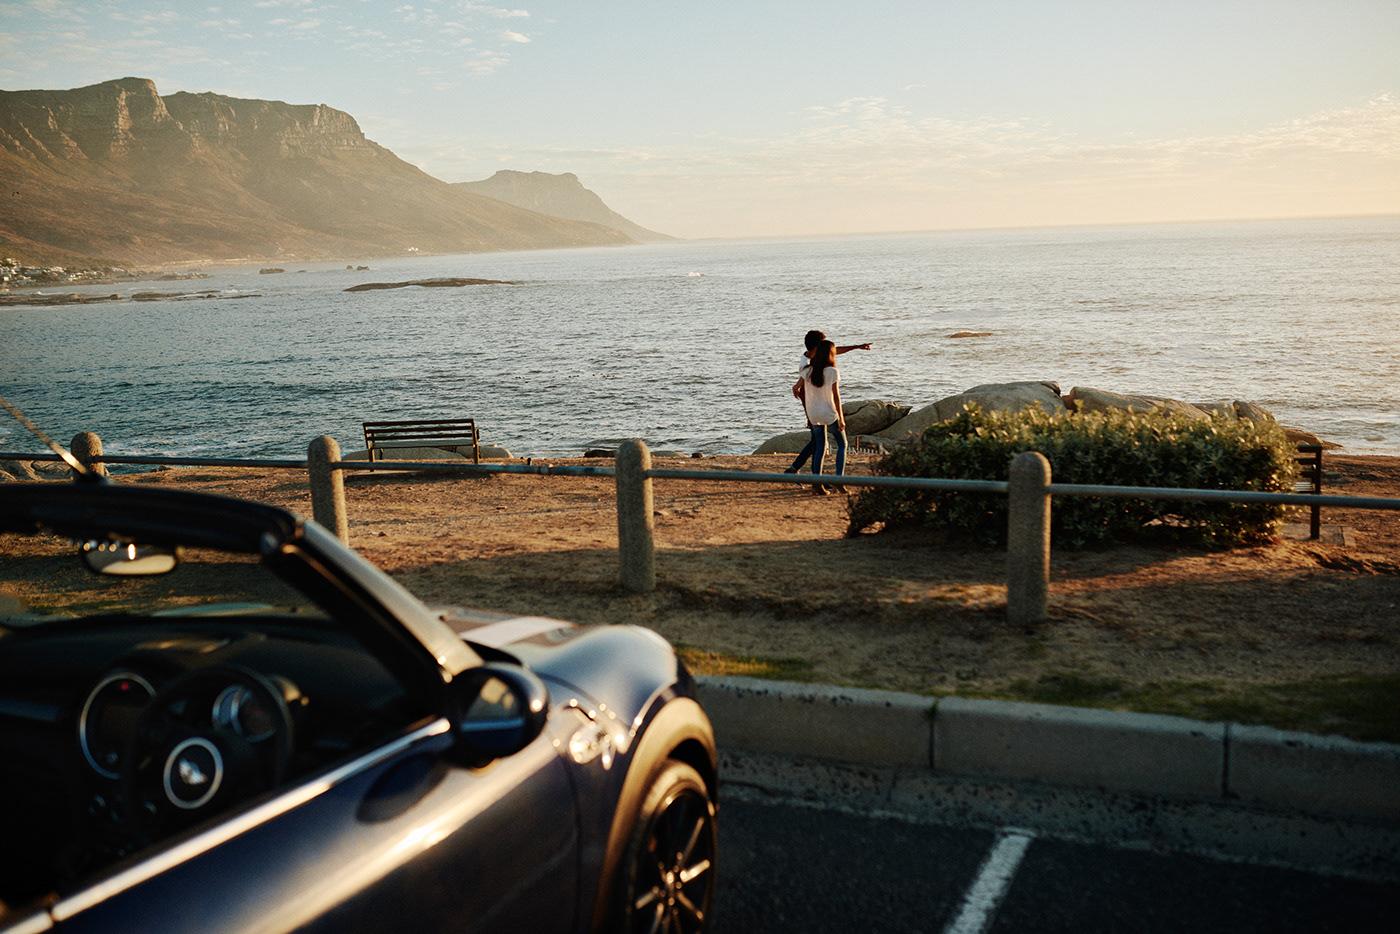 MINI Cooper S | Photo by Maximilian Motel